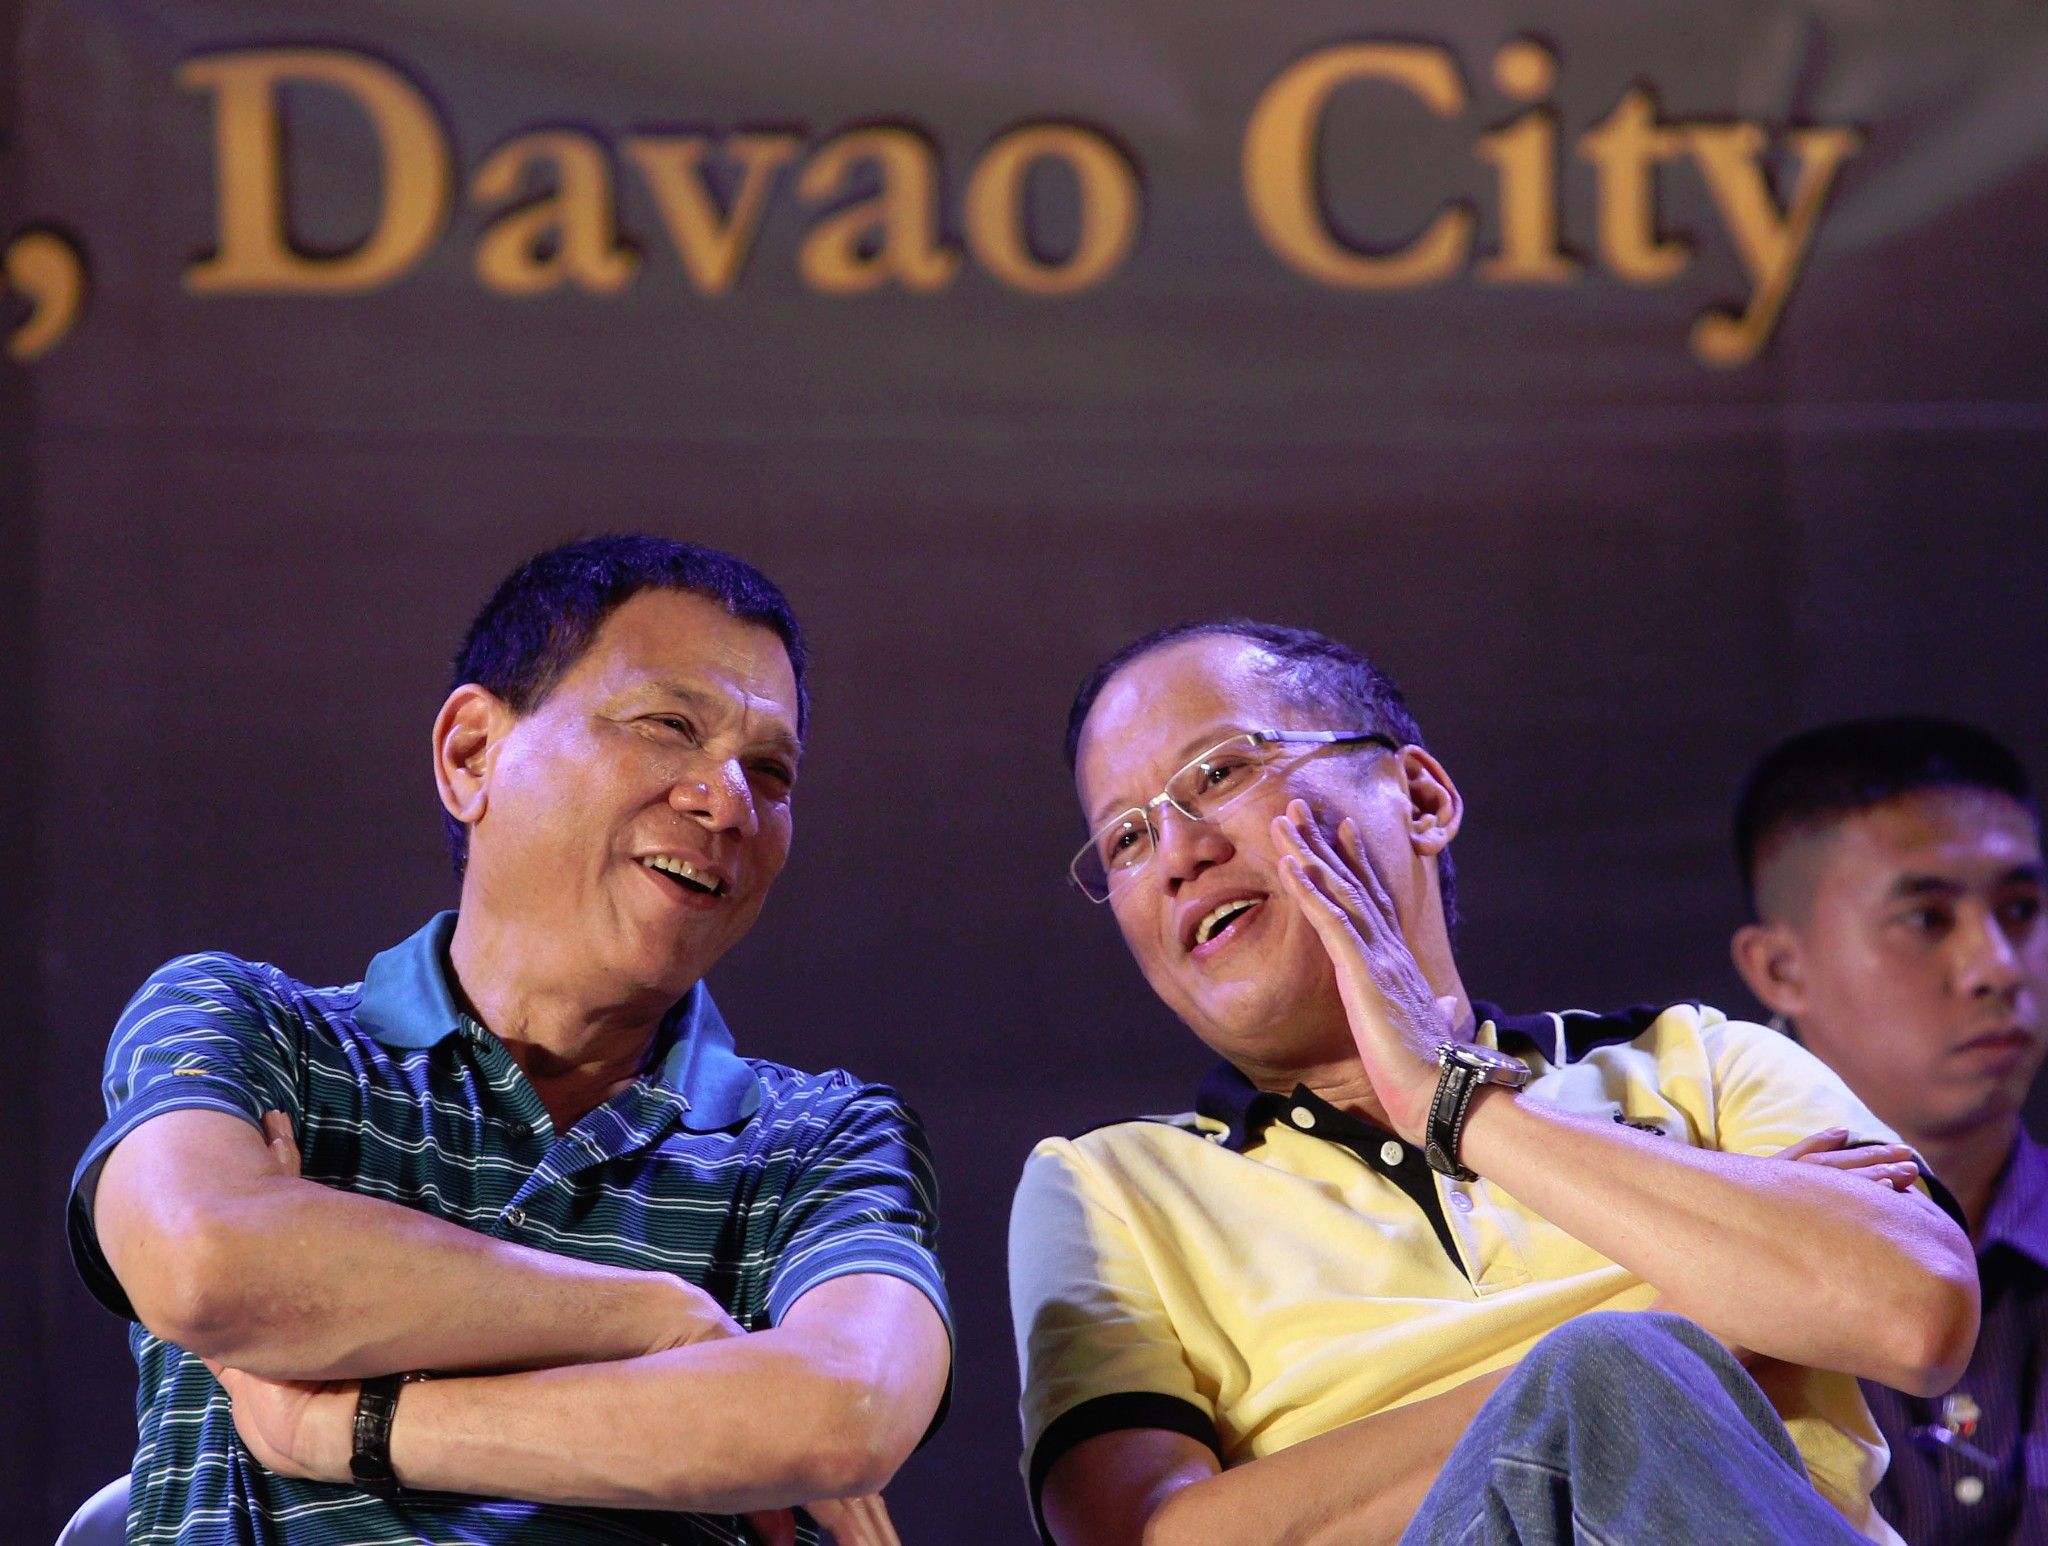 """杜特蒂(左)或許是菲律賓史上最獨樹一格的總統,但經濟上他延襲了許多阿奎諾(右)時代的遺風,卻也是不爭的事實。(照片來源:<a href=""""https://commons.wikimedia.org/wiki/File:Rodrigo_Duterte_Benigno_Aquino_III_03.jpg"""">Wikipedia Commons</a>)"""